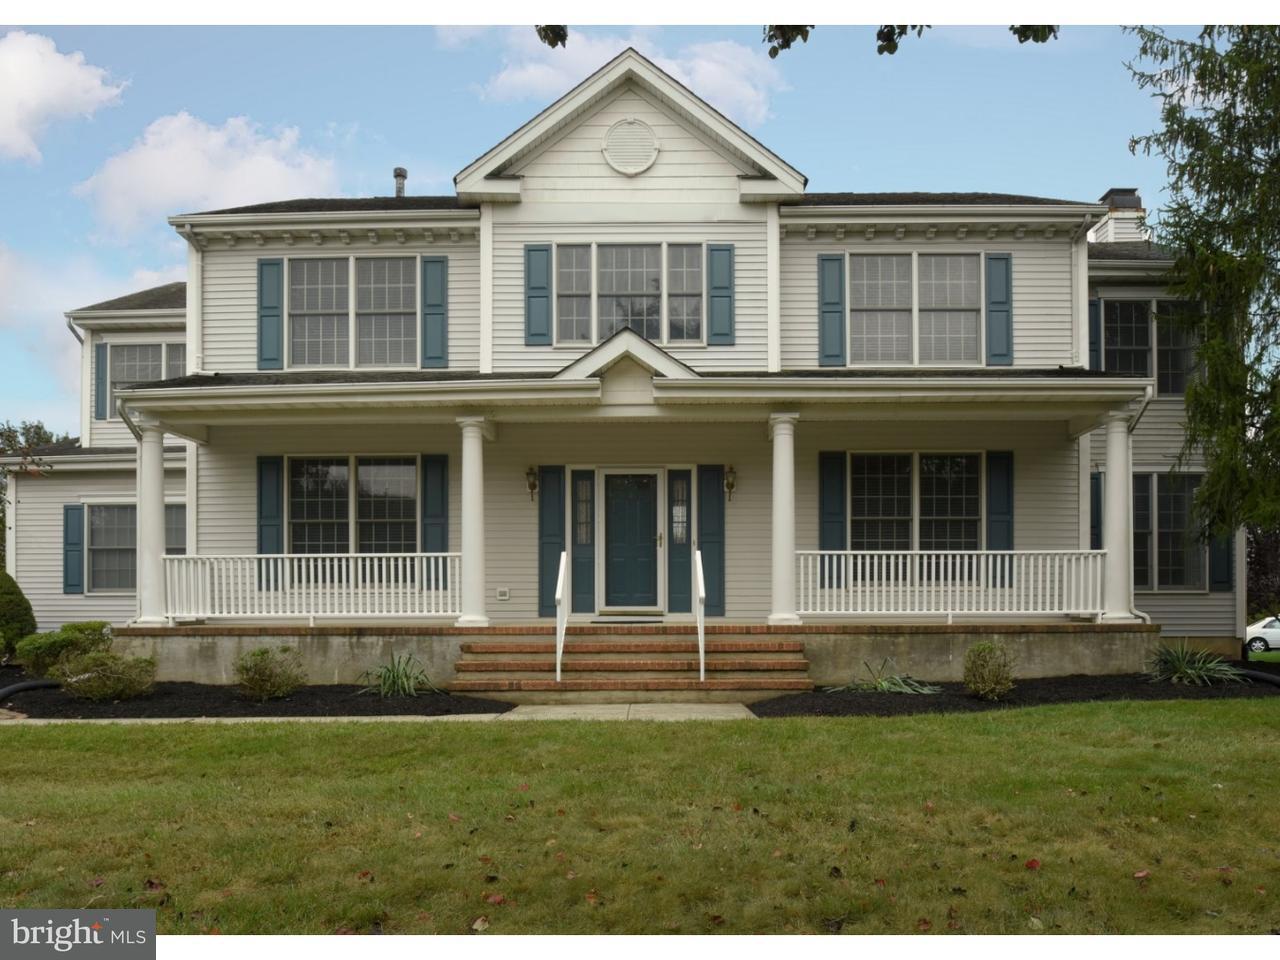 Частный односемейный дом для того Продажа на 4 PERRINE Lane Cranbury, Нью-Джерси 08512 Соединенные ШтатыВ/Около: Cranbury Township